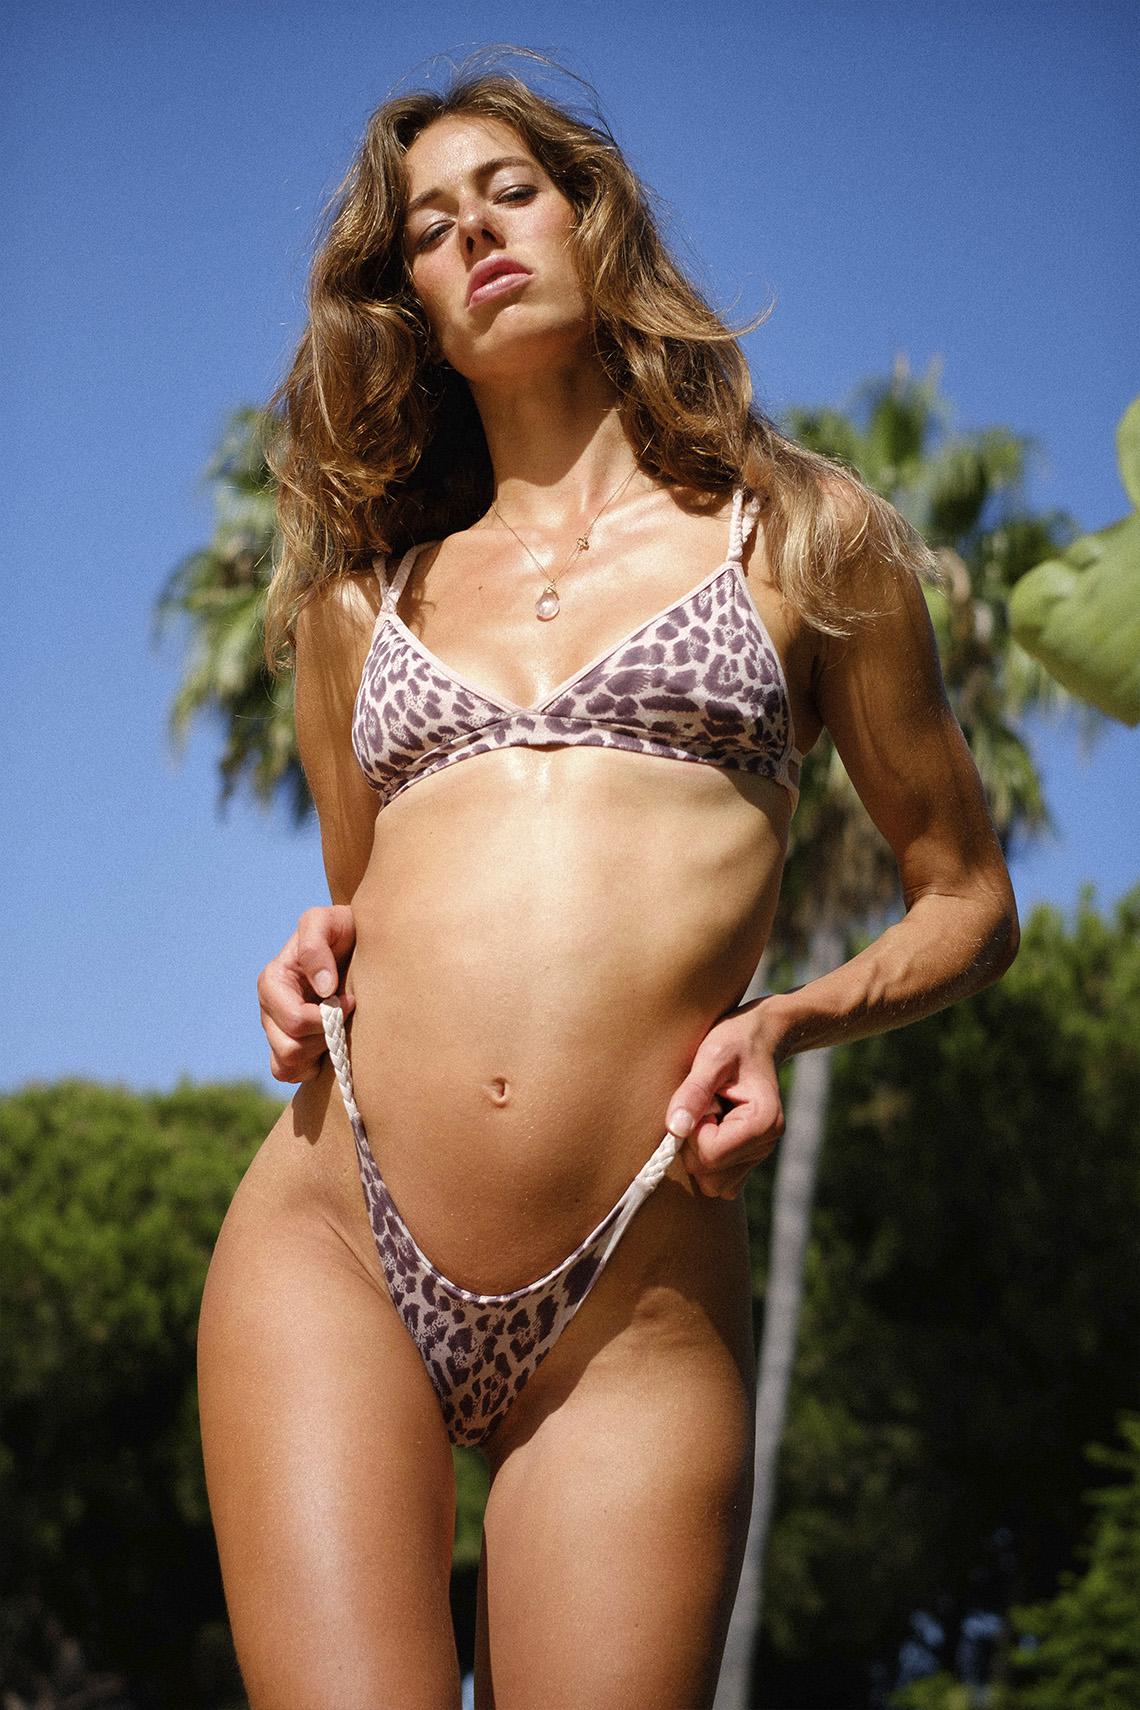 marbella-fashion-photographer-carlotta-3